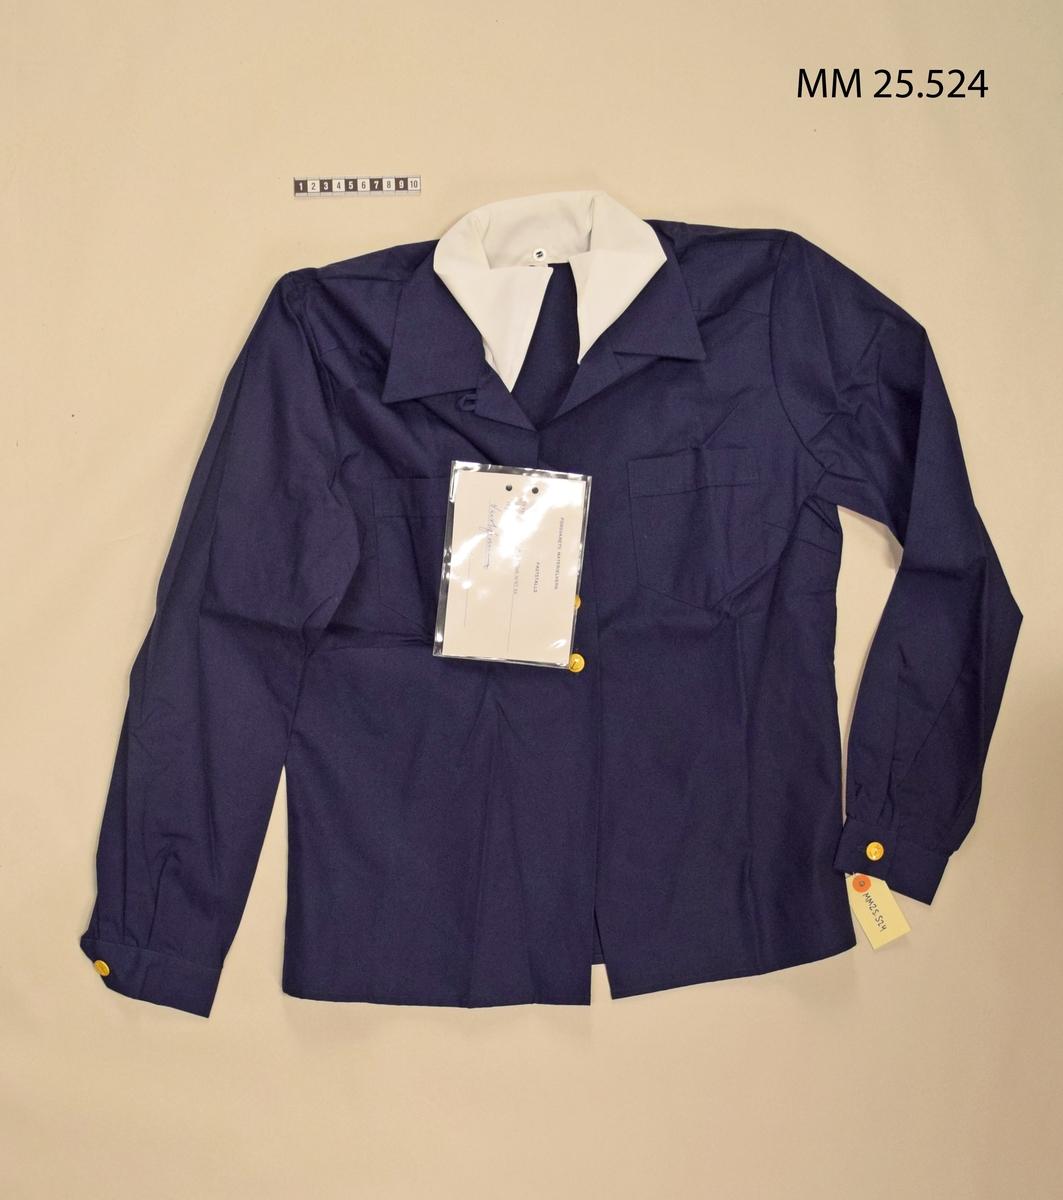 Mörkblå klänning med löstagbar vit krage. Bröstfickor på båda sidor. Knäpps med fyra guldknappar med ankare. Manschetter knäpps med likadan knappar. Vidhängd lapp ger information om fastställandet.